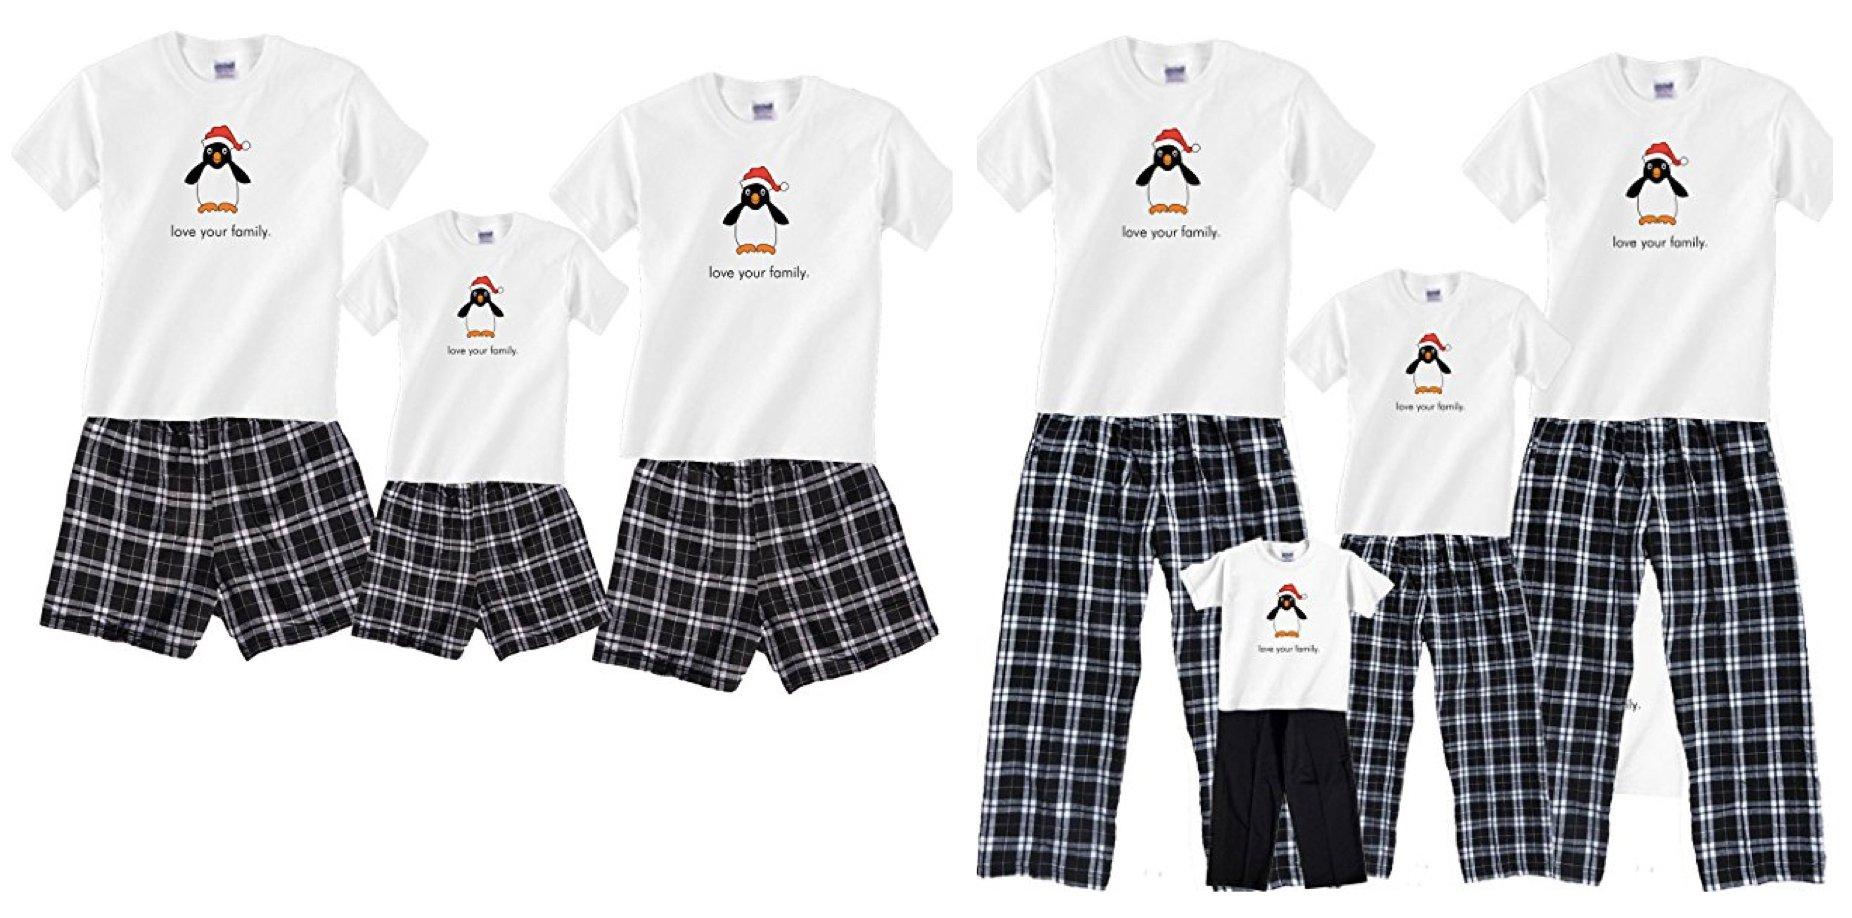 Matching Christmas Pajama Pants For Family